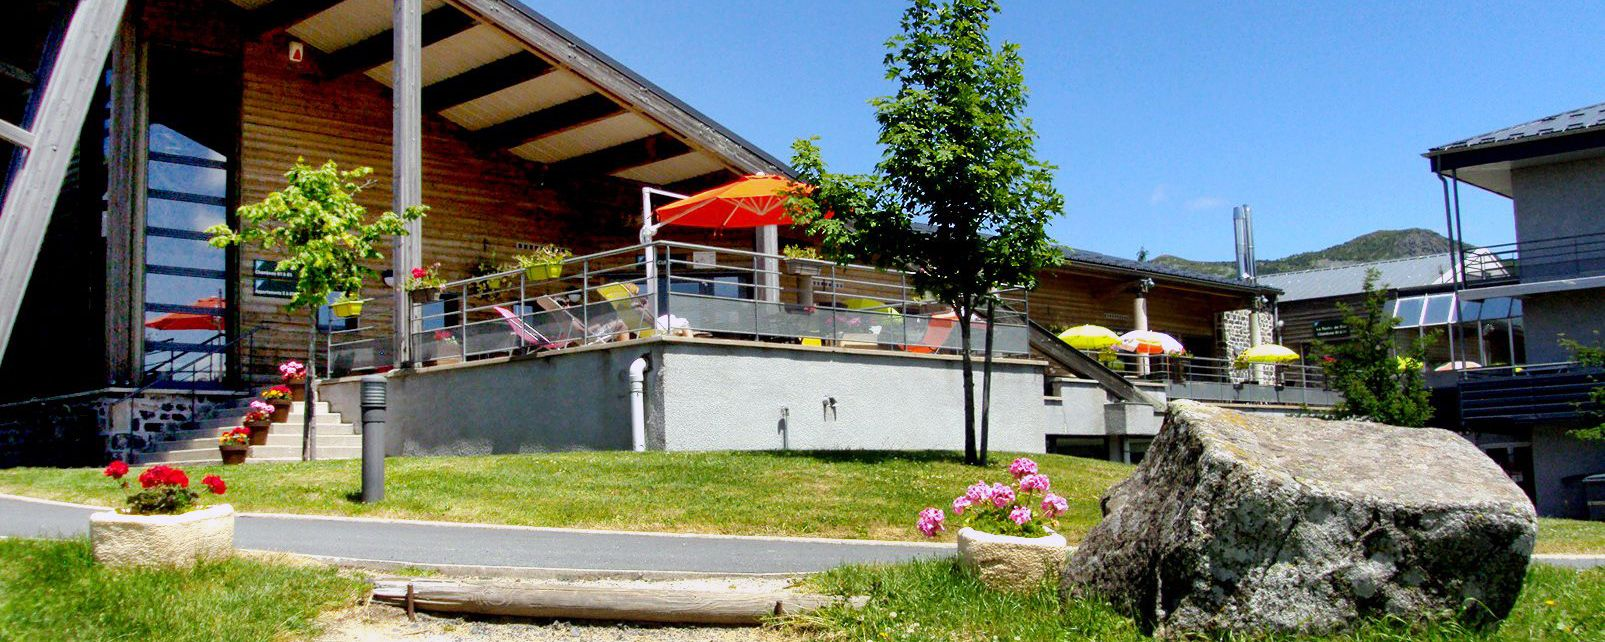 VVF Villages Les Estables